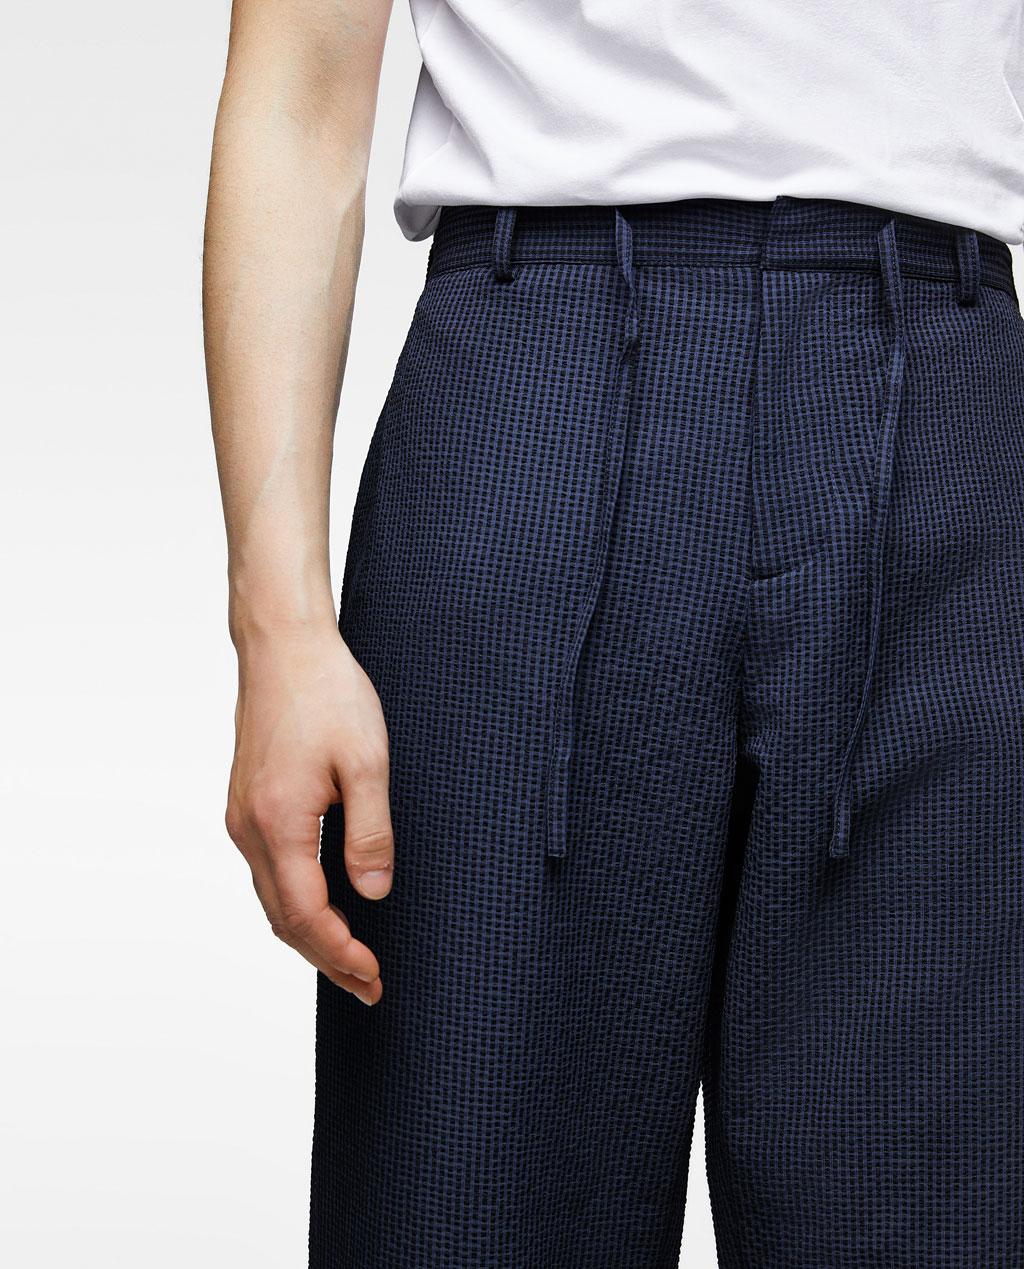 Thời trang nam Zara  24150 - ảnh 6